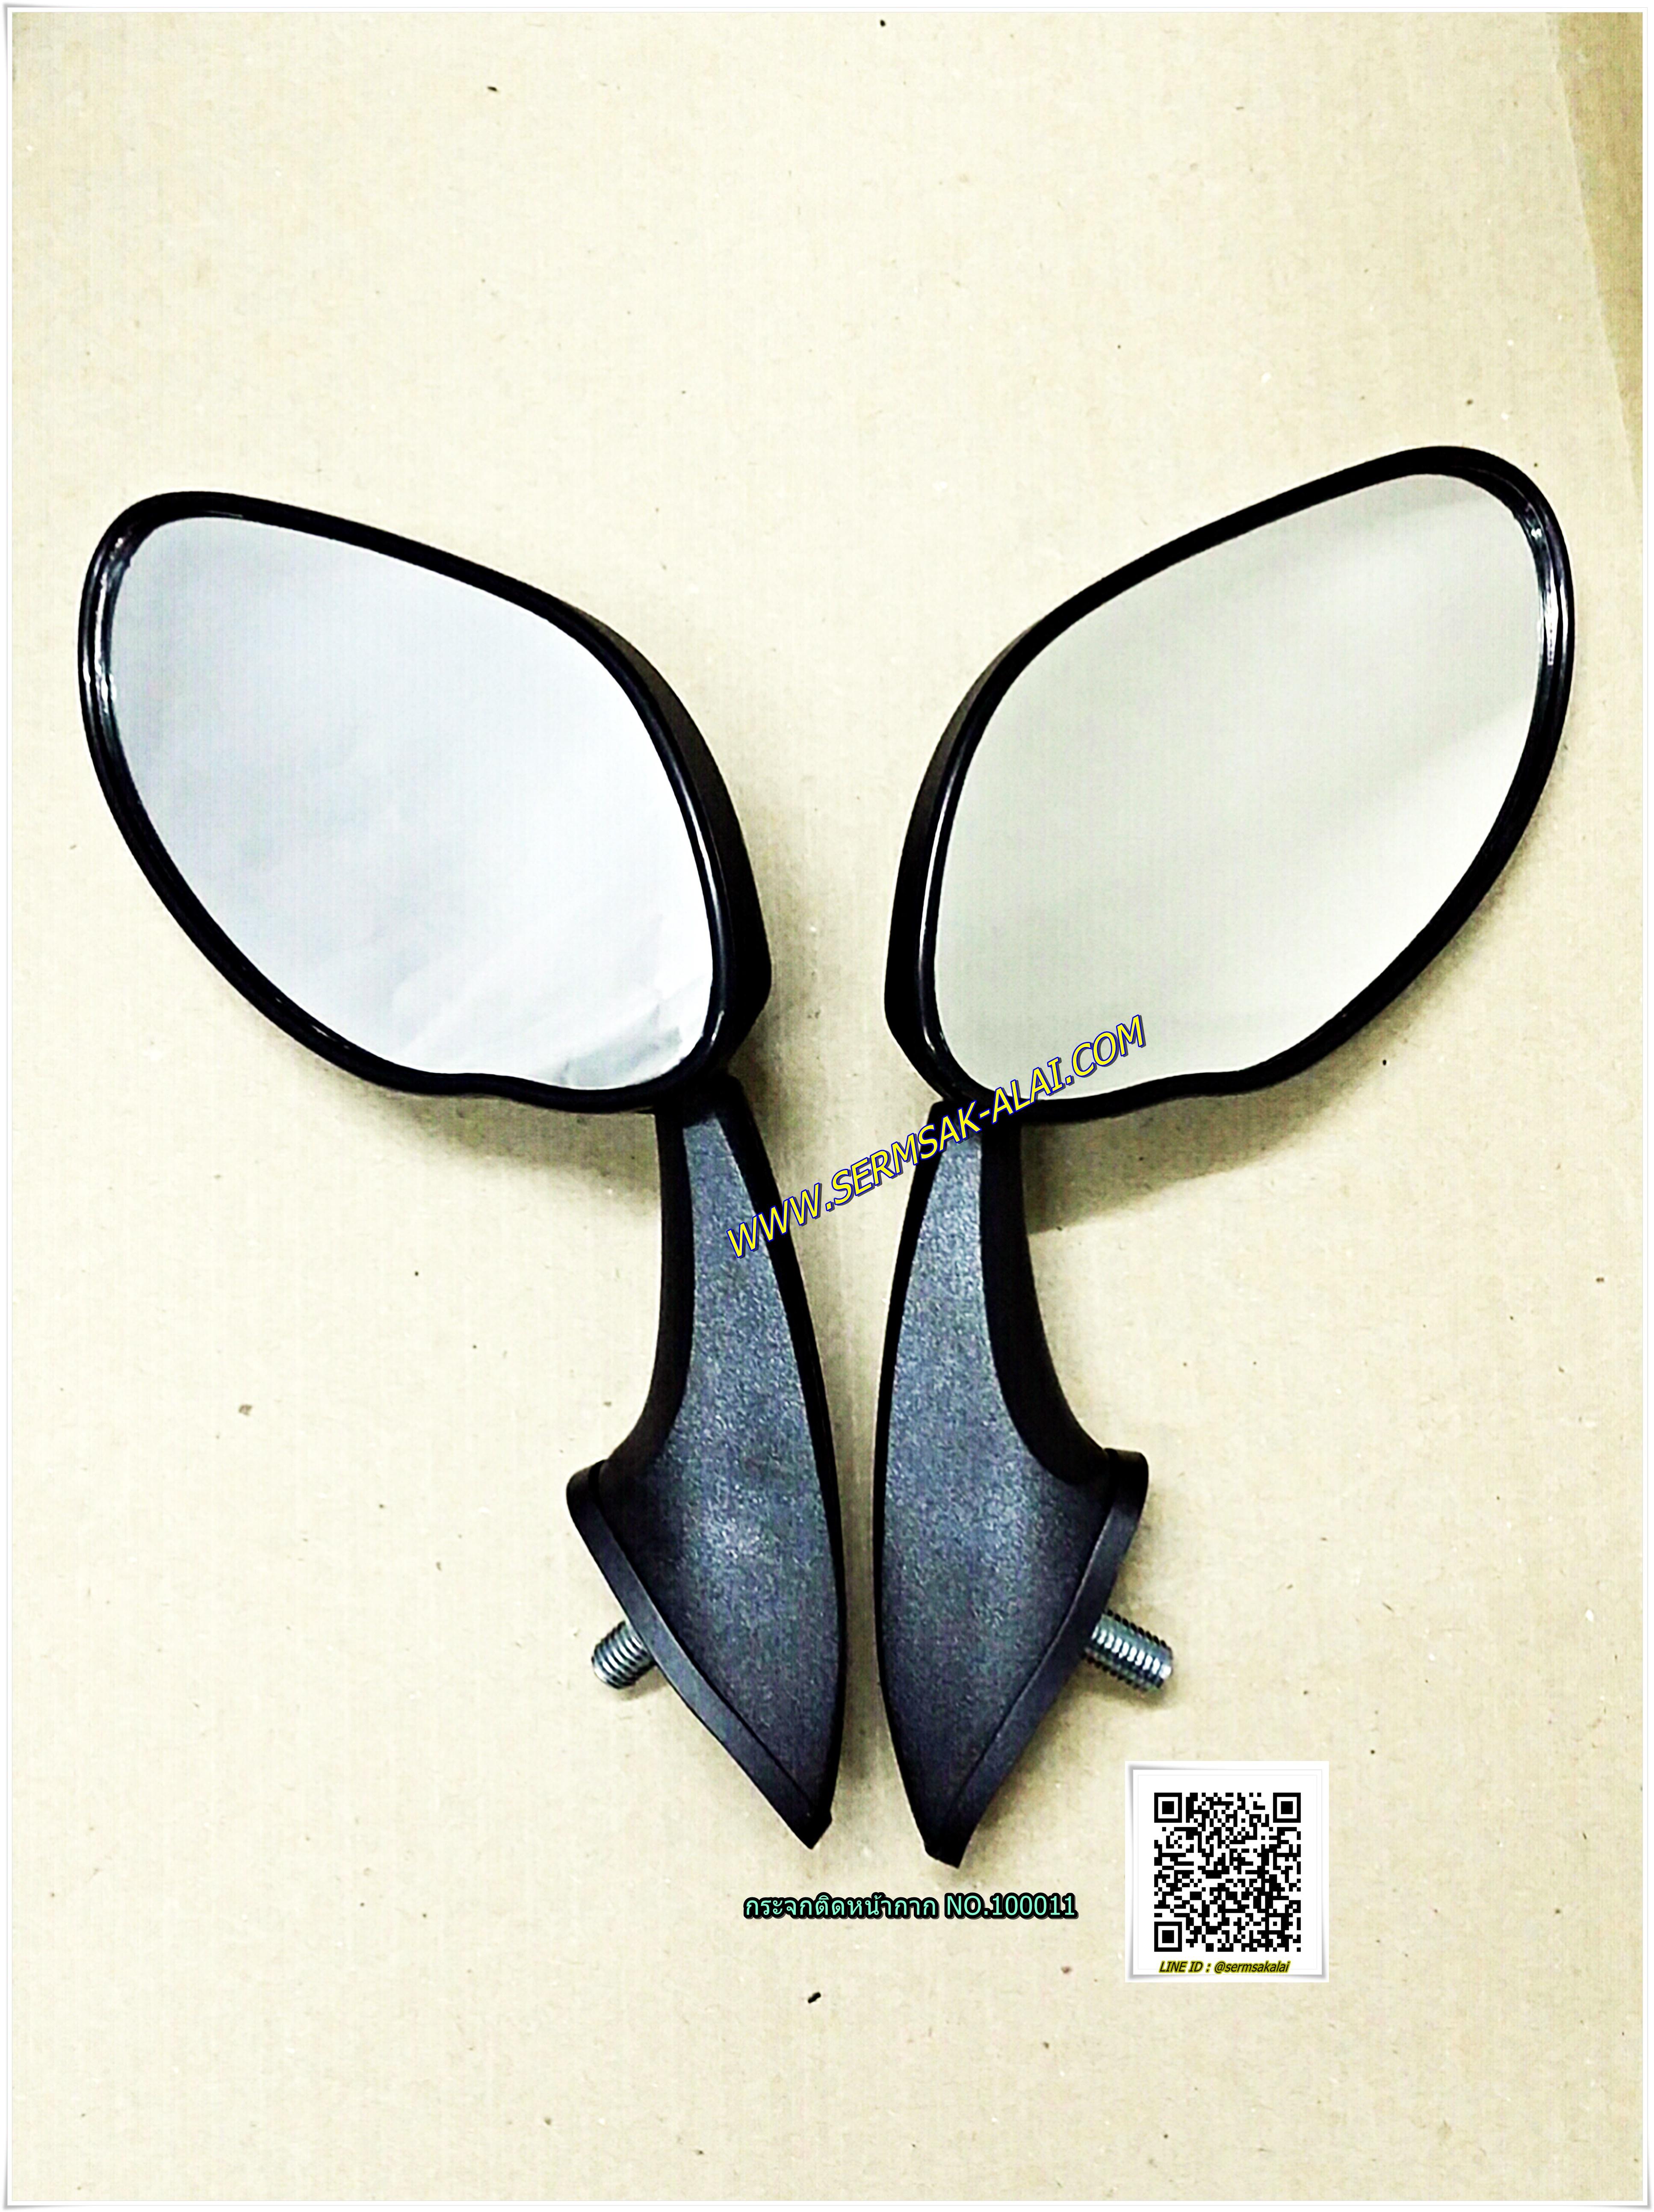 ของแต่ง PCX กระจก มองหลัง แต่ง กระจกติดหน้ากาก น๊อต 8 mm พลาสติก สีดำ N0.100011